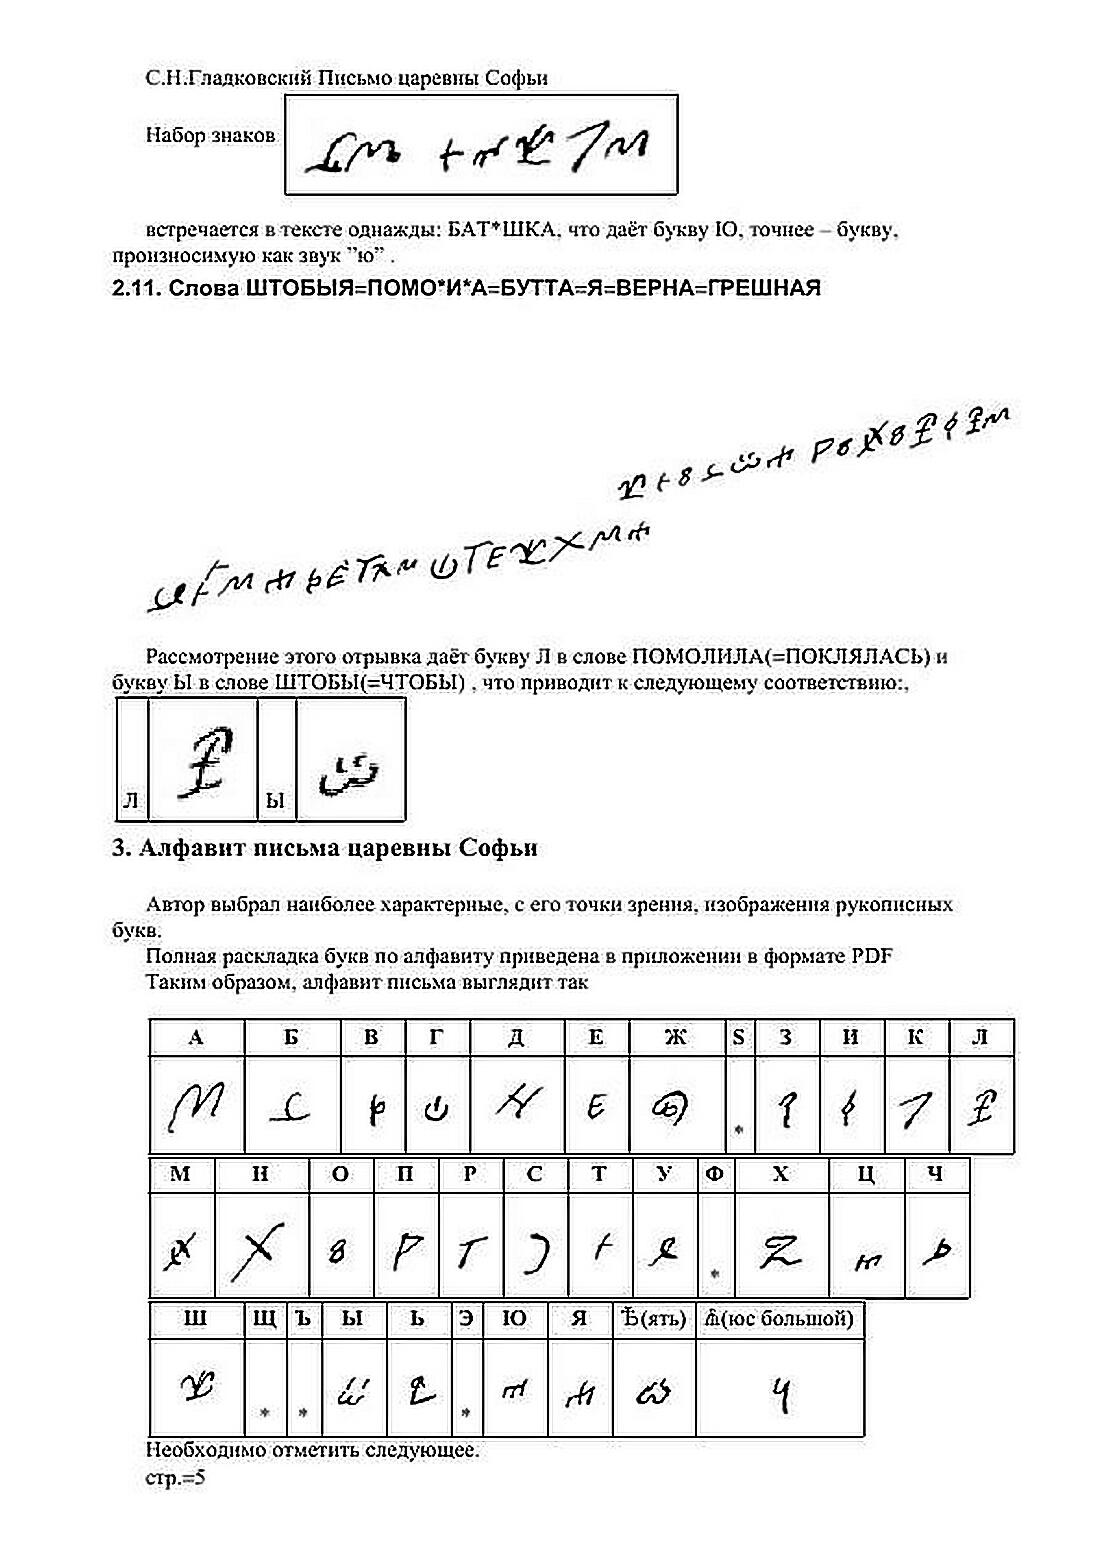 http://sa.uploads.ru/Mbkc7.jpg